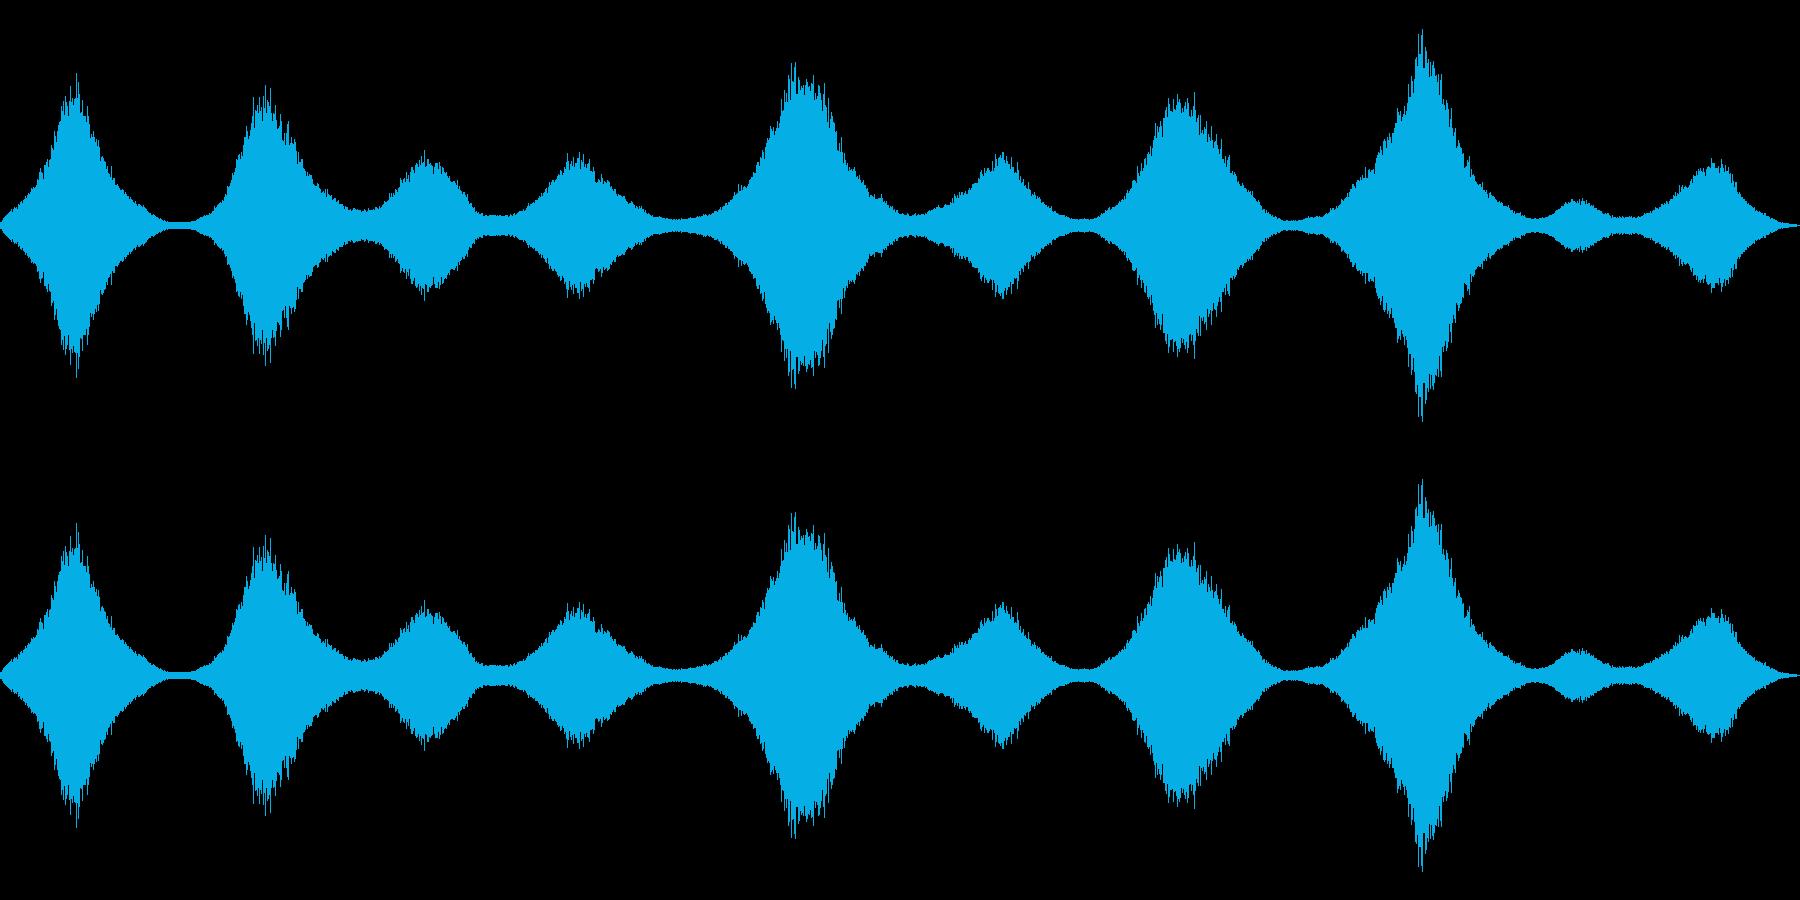 波の音の再生済みの波形